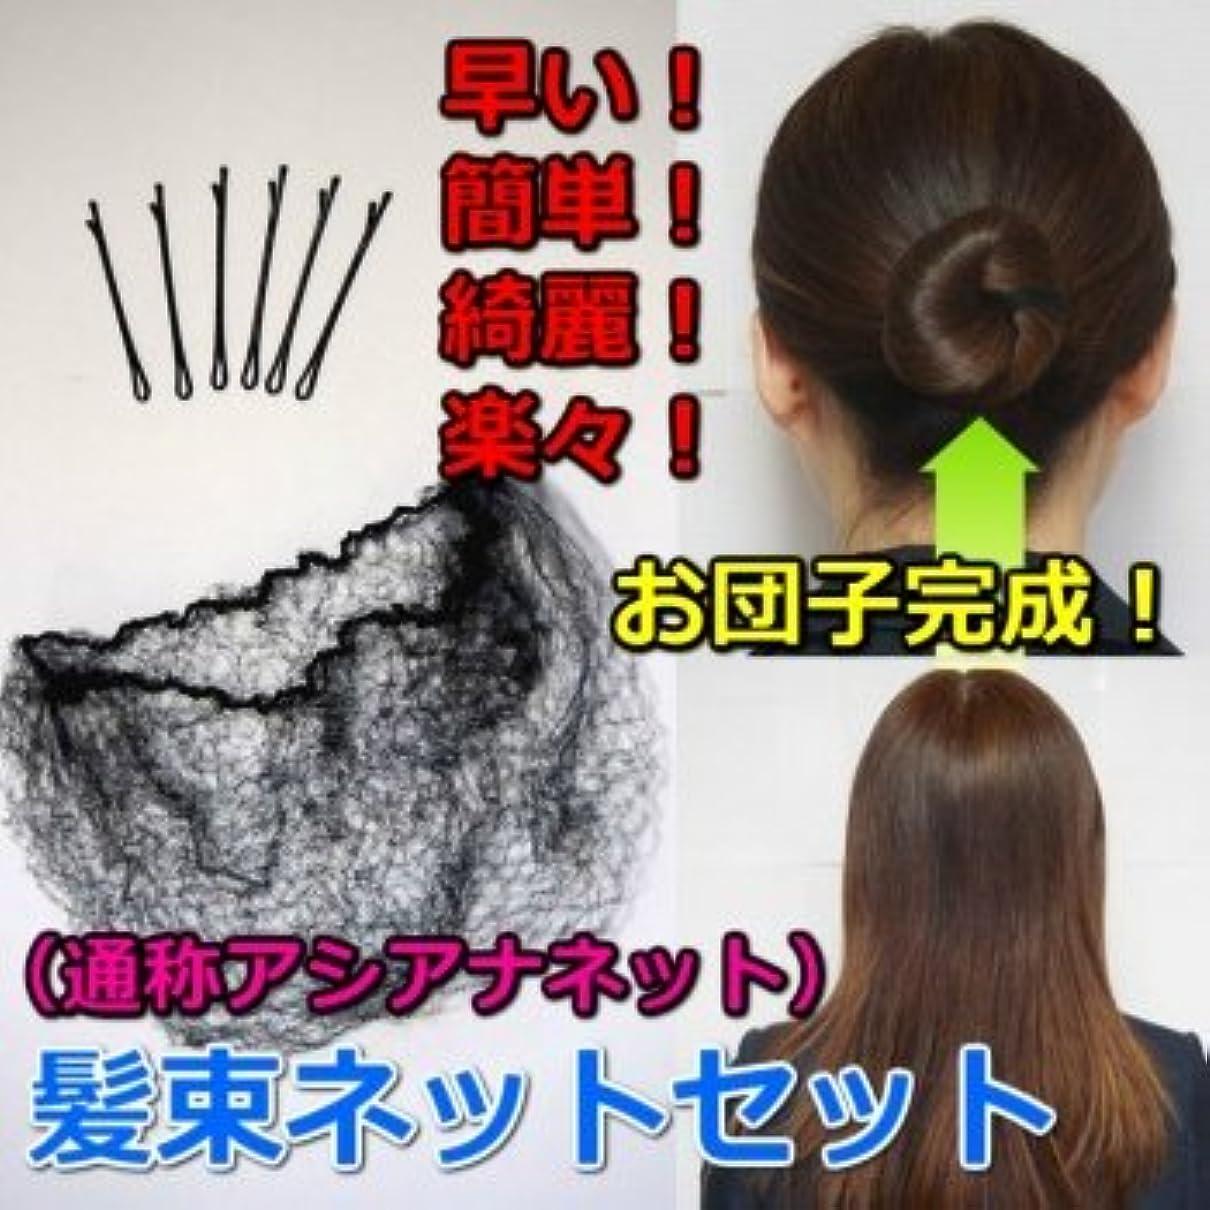 言い直す遠えディスコ髪束ねネットセット(アシアナネット) 50枚セット